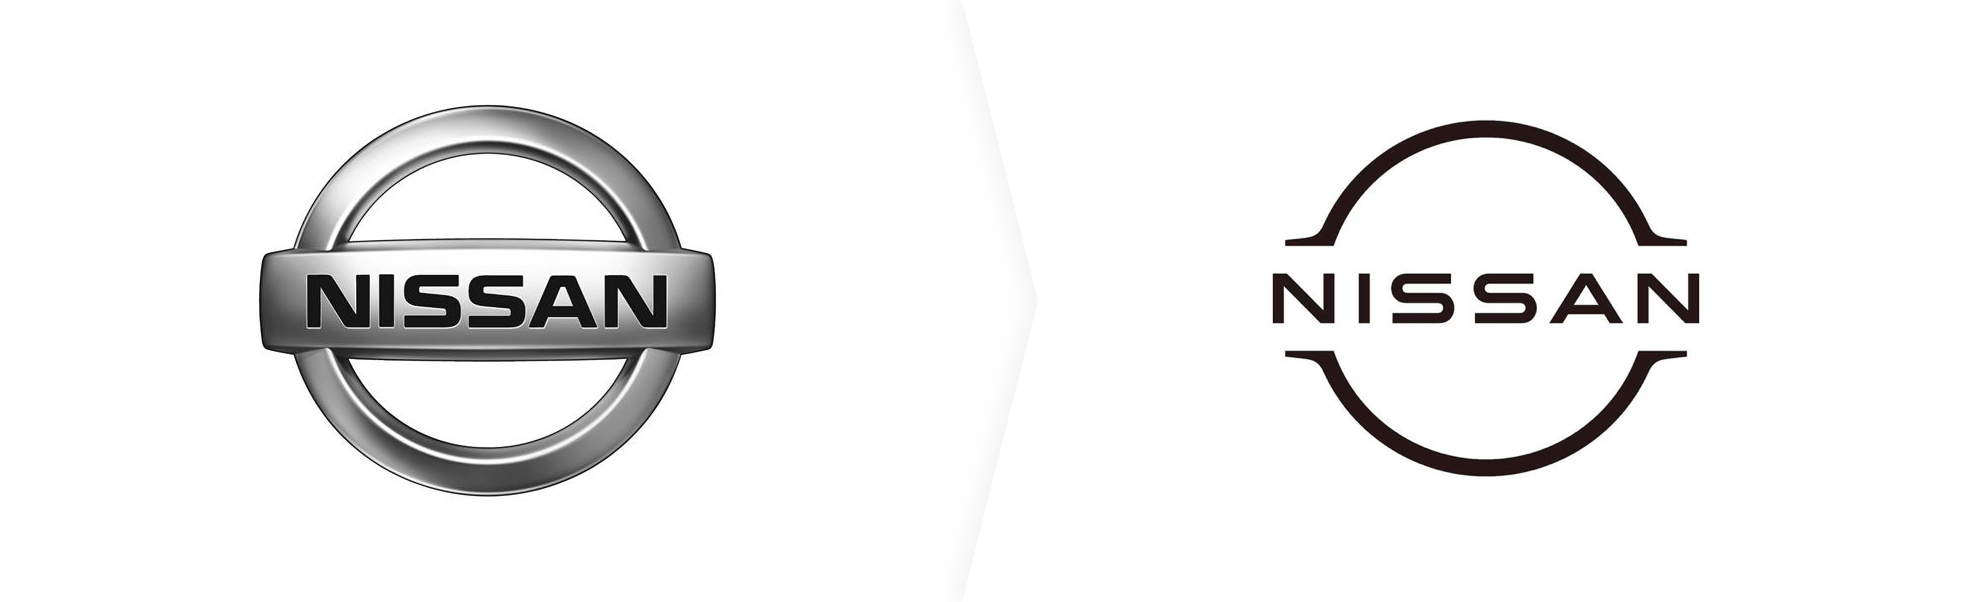 nissan zmieni logo?